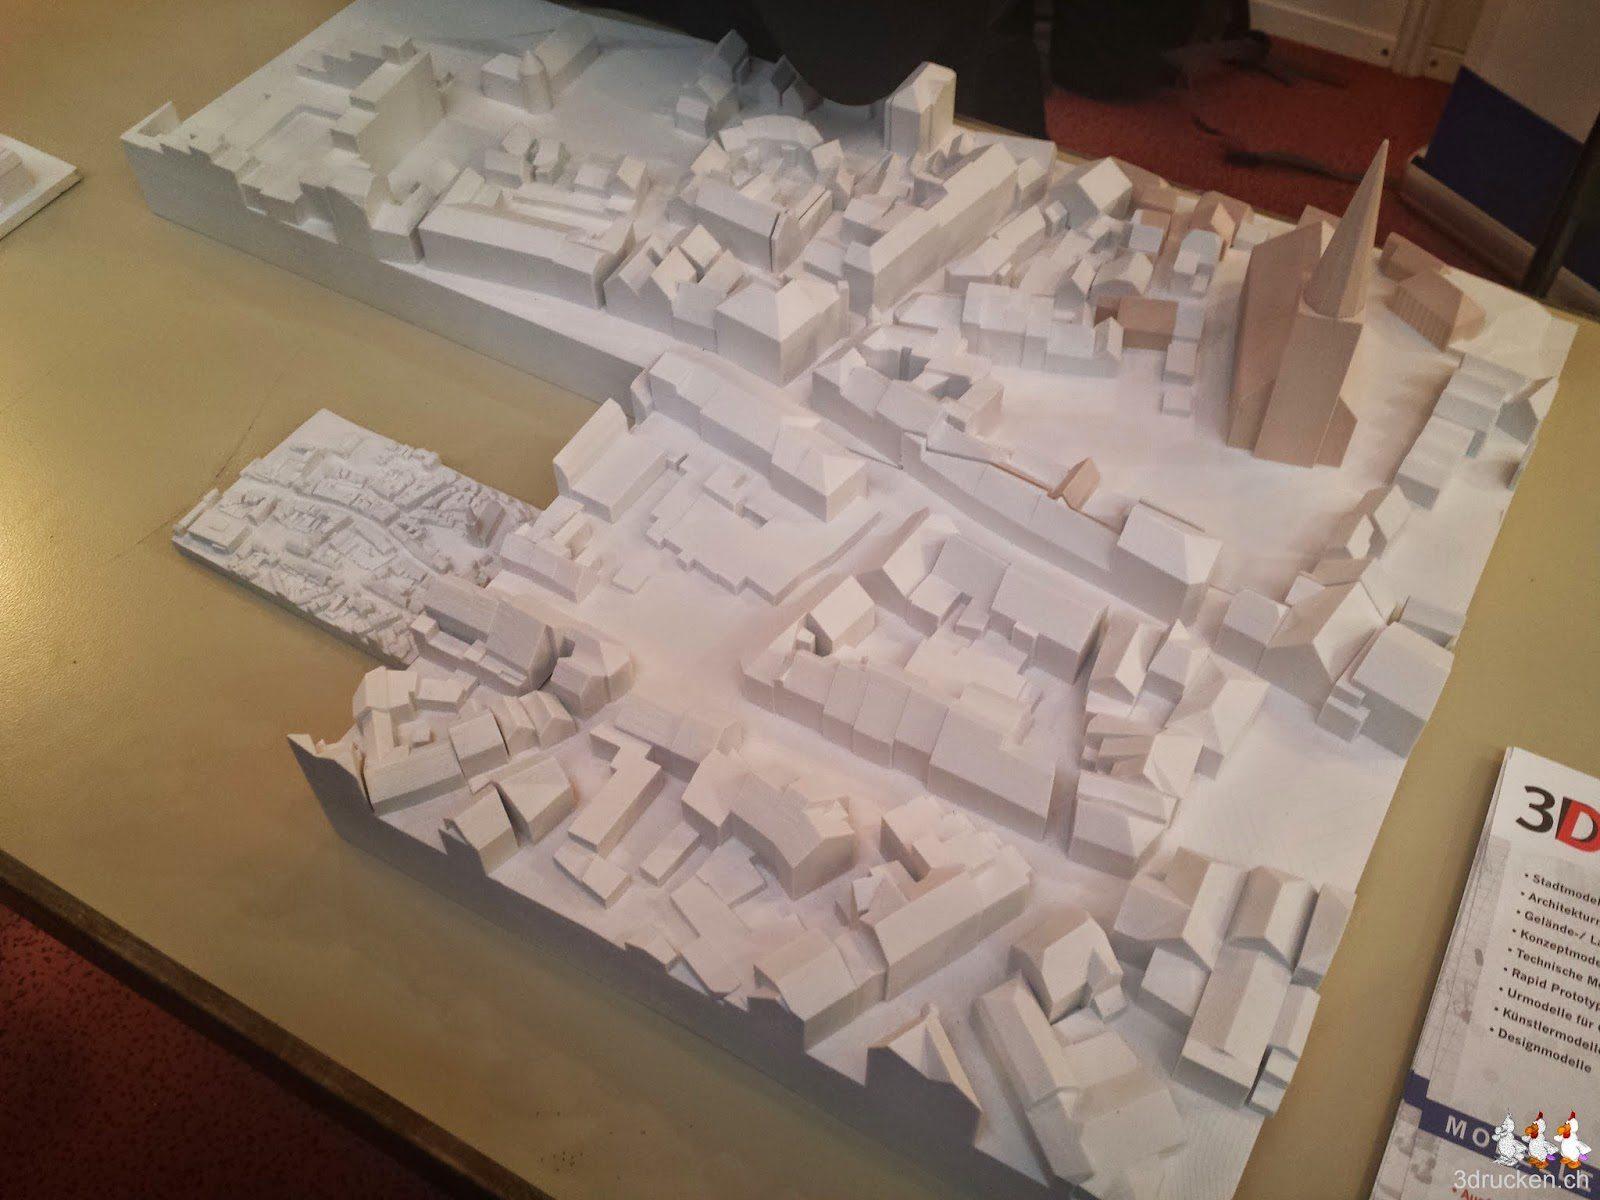 Foto einiger ungefähr A3 grossen Einzelteile eines Stadmodells am Stand des 3D-Druckshop am 3D - Forum in Lindau